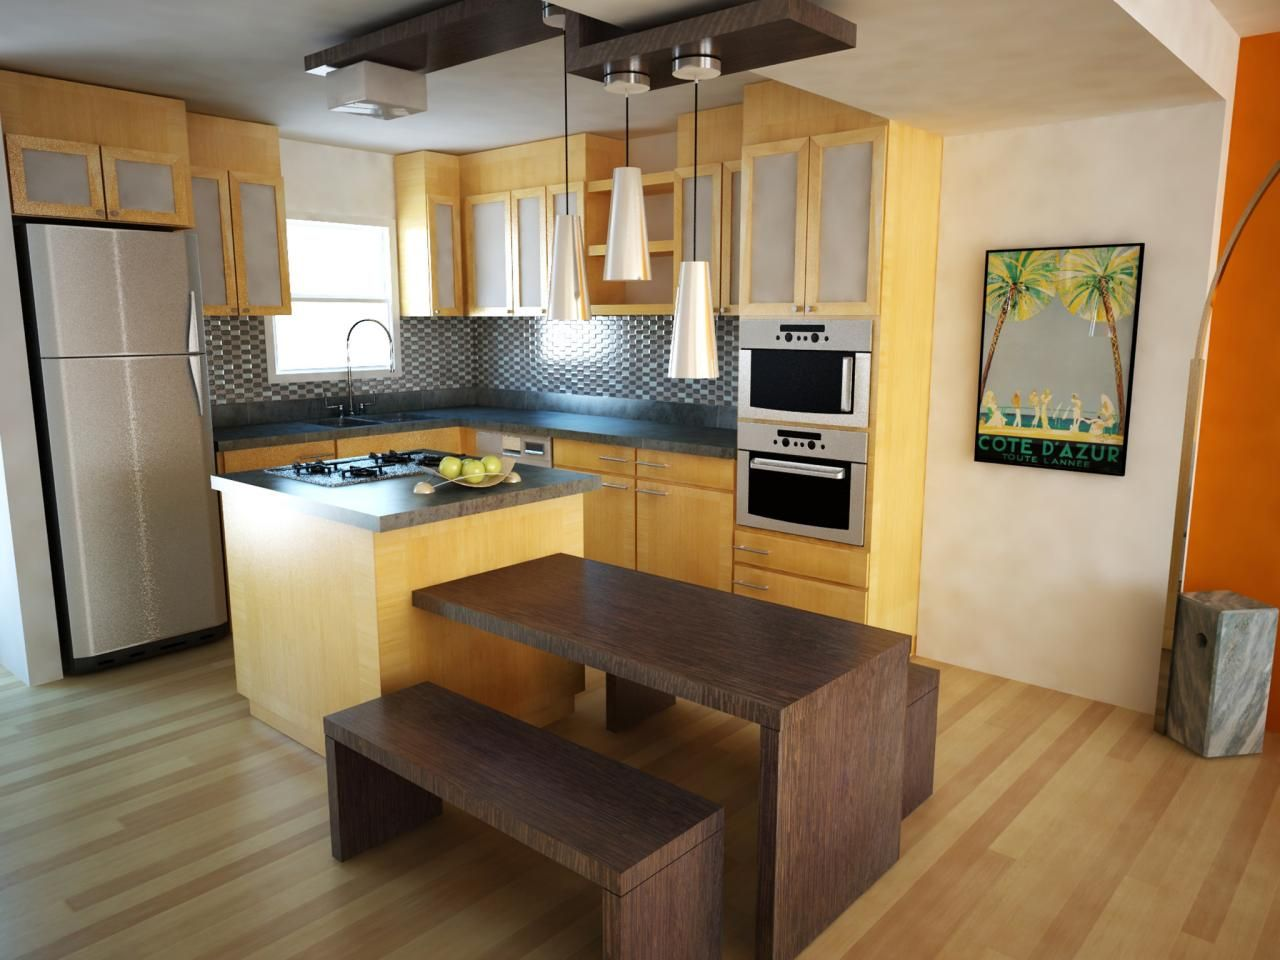 interiores casas pequeas islas de cocina pequeos diseos de cocina ideas de cocina ideas para cocinas pequeas pequea isla diseos de diseo de la - Cocinas Pequeas Con Isla